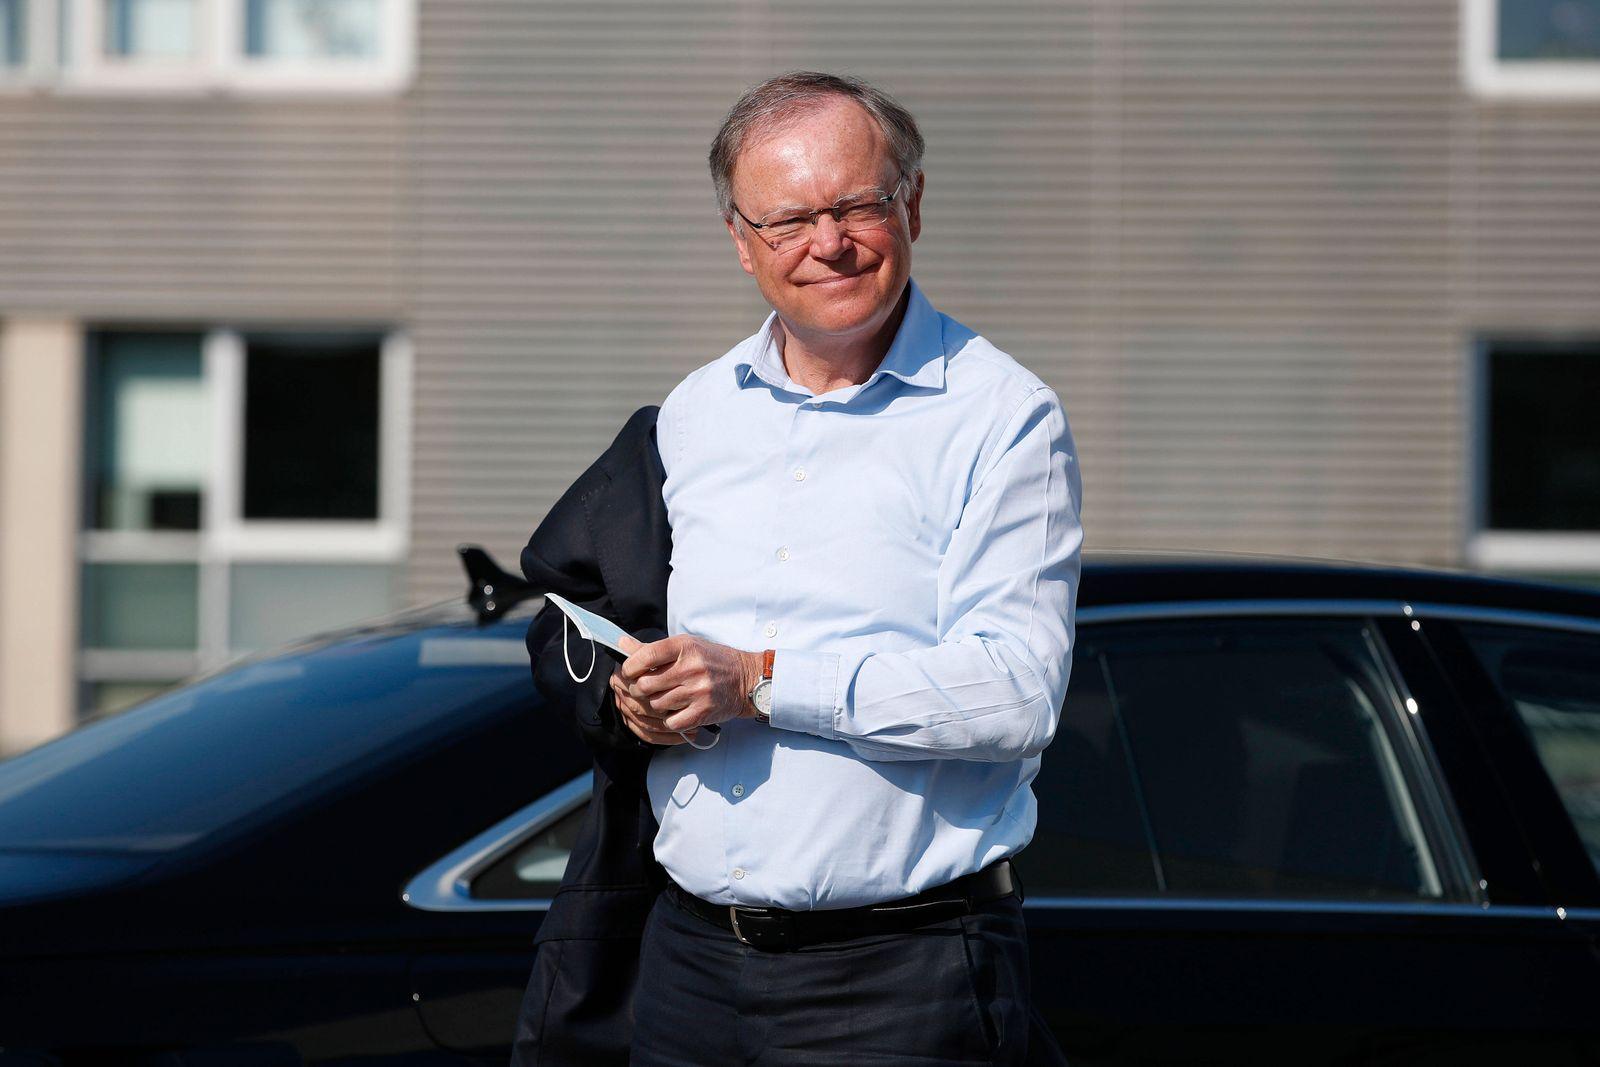 27.04.2020, Agentur fuer Arbeit, Hannover, Bundesarbeitsminister Hubertus Heil und Stefan Weil (SPD, Nds. Ministerpraesi